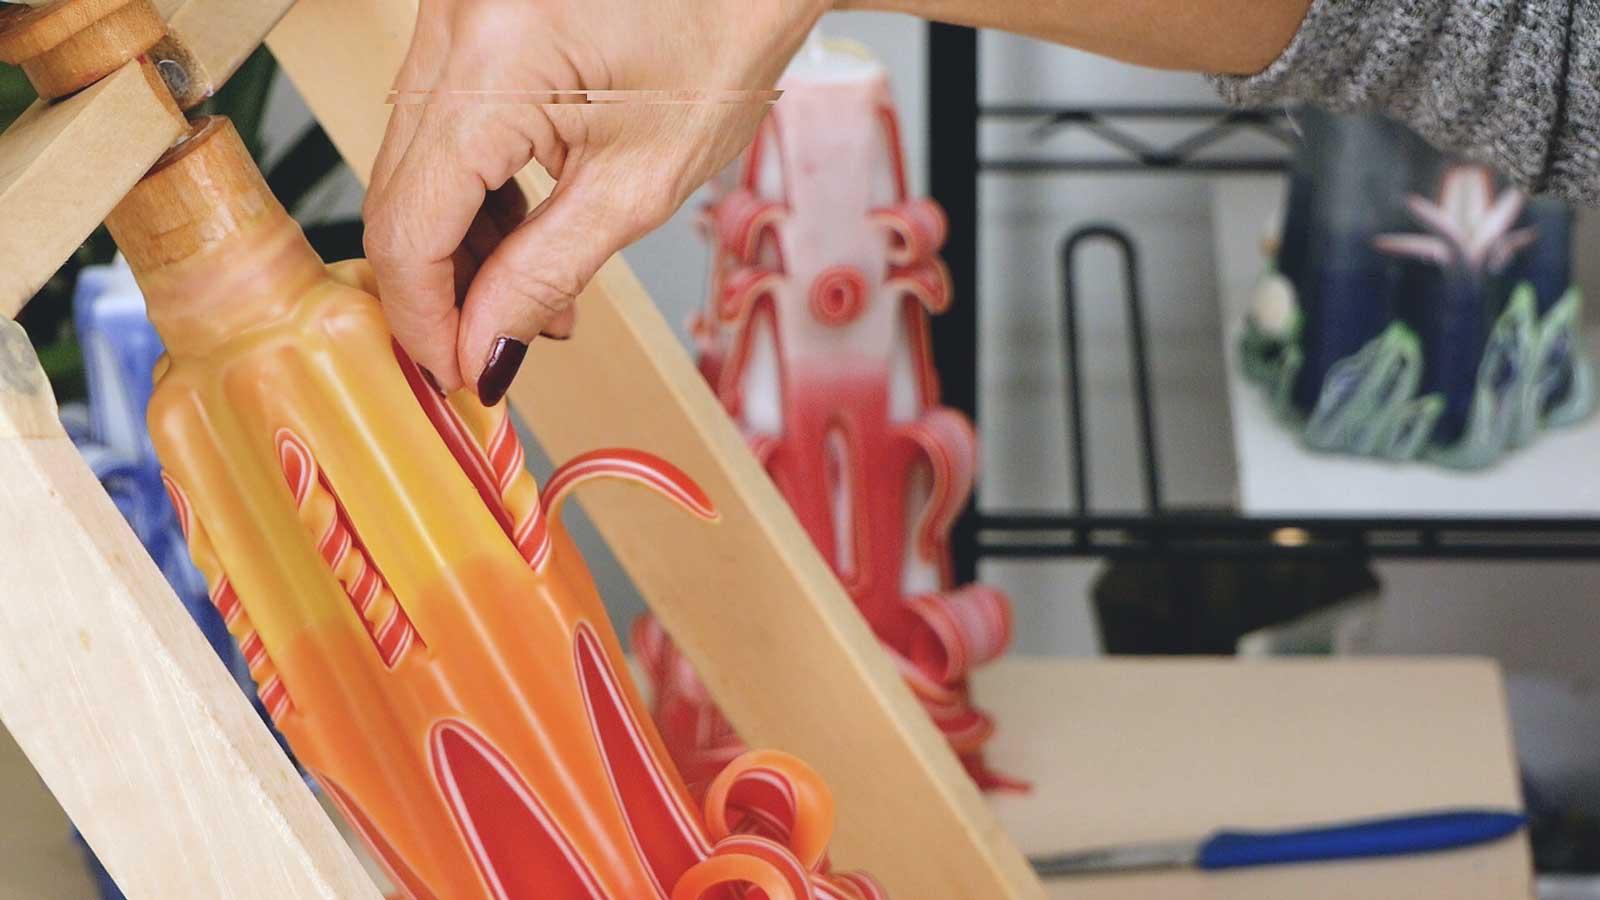 Un modèle de bougie sculptée avec des torsades larges